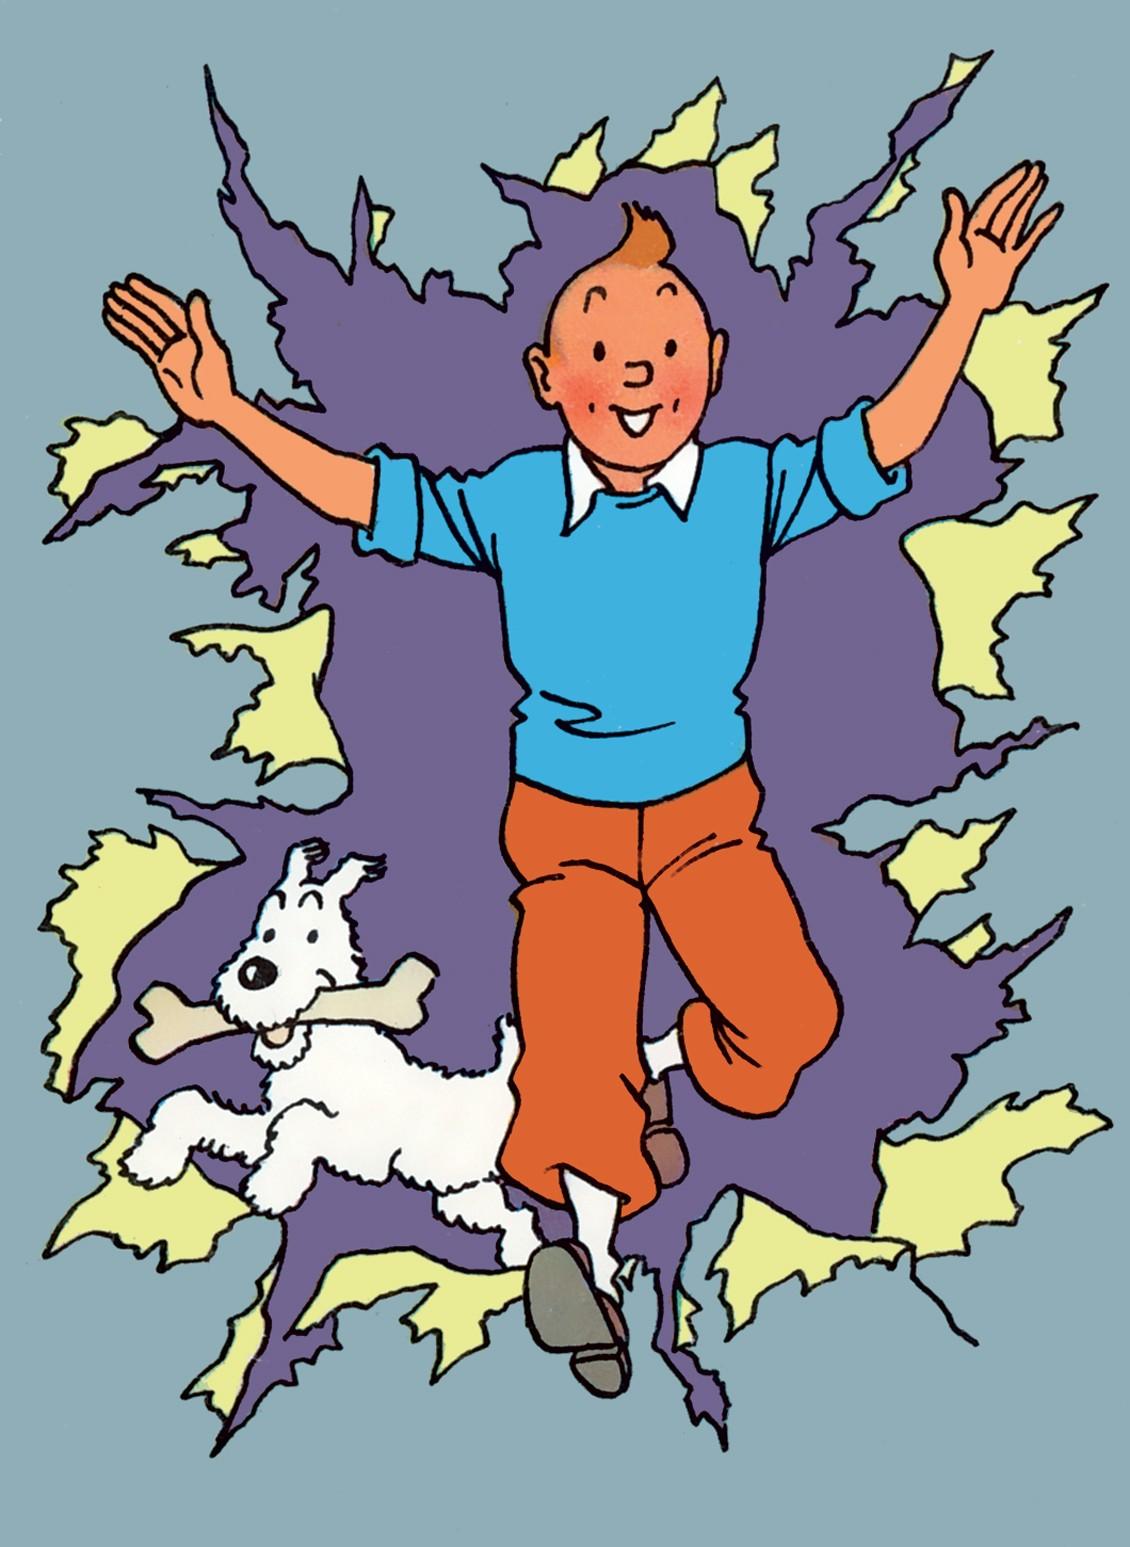 Personnages secondaires des aventures de Tintin